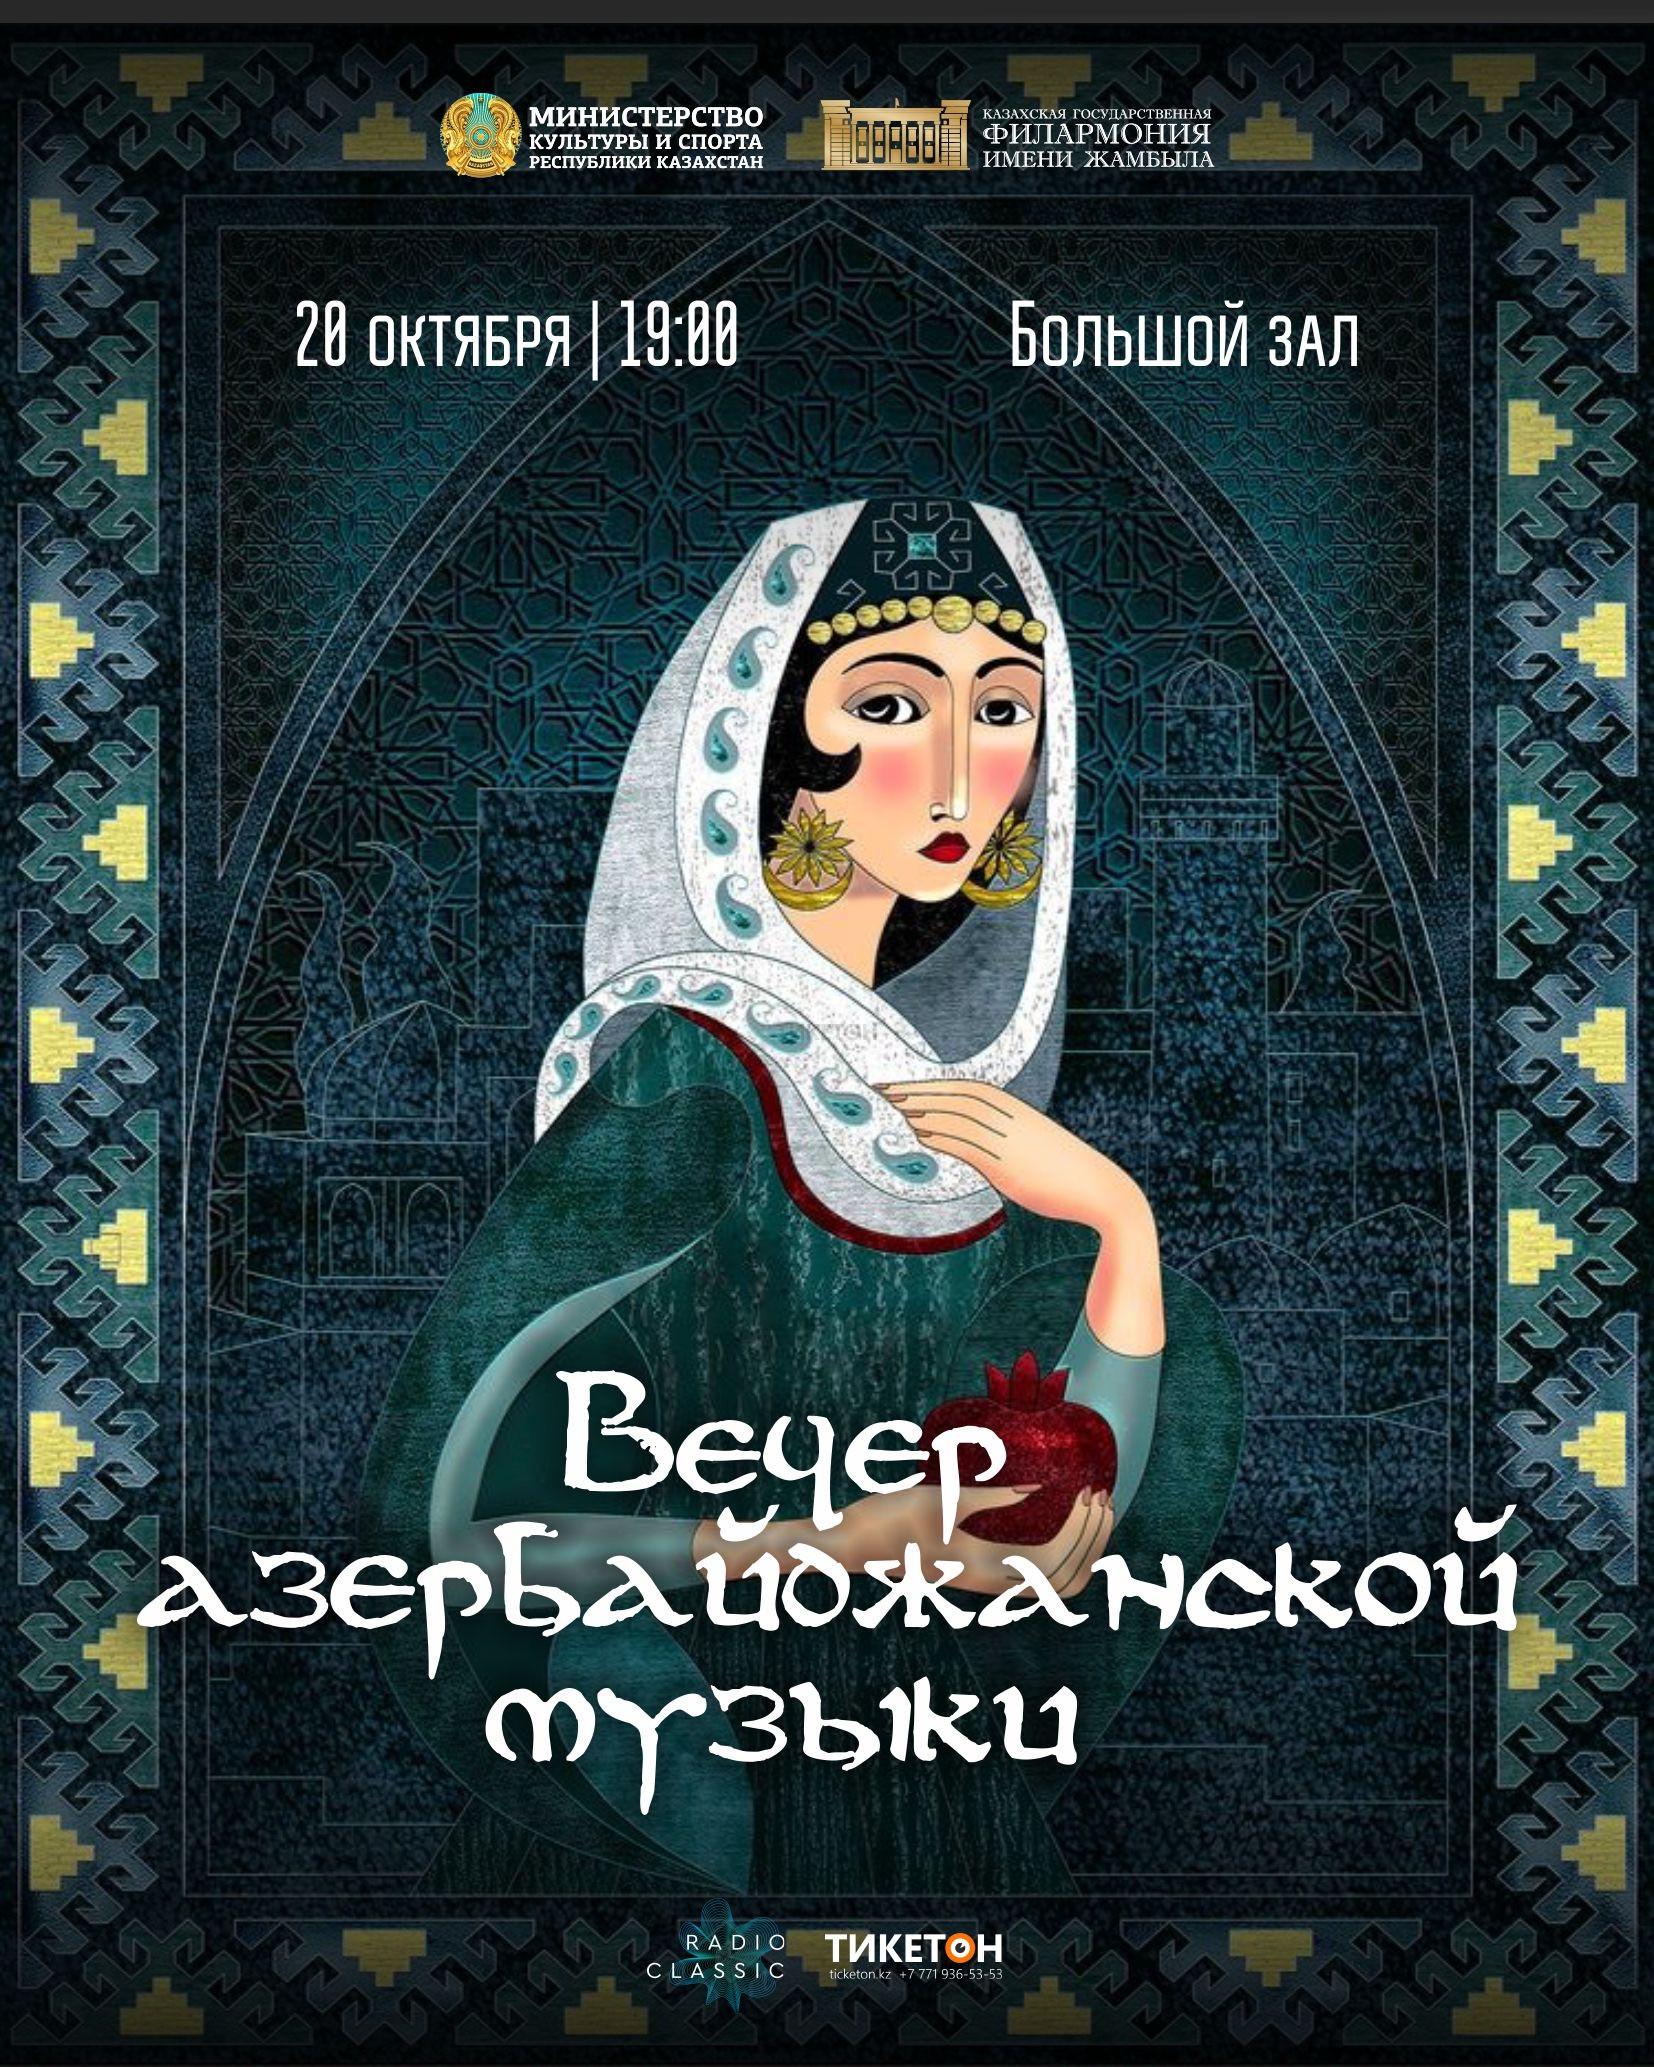 Вечер азербайджанской музыки